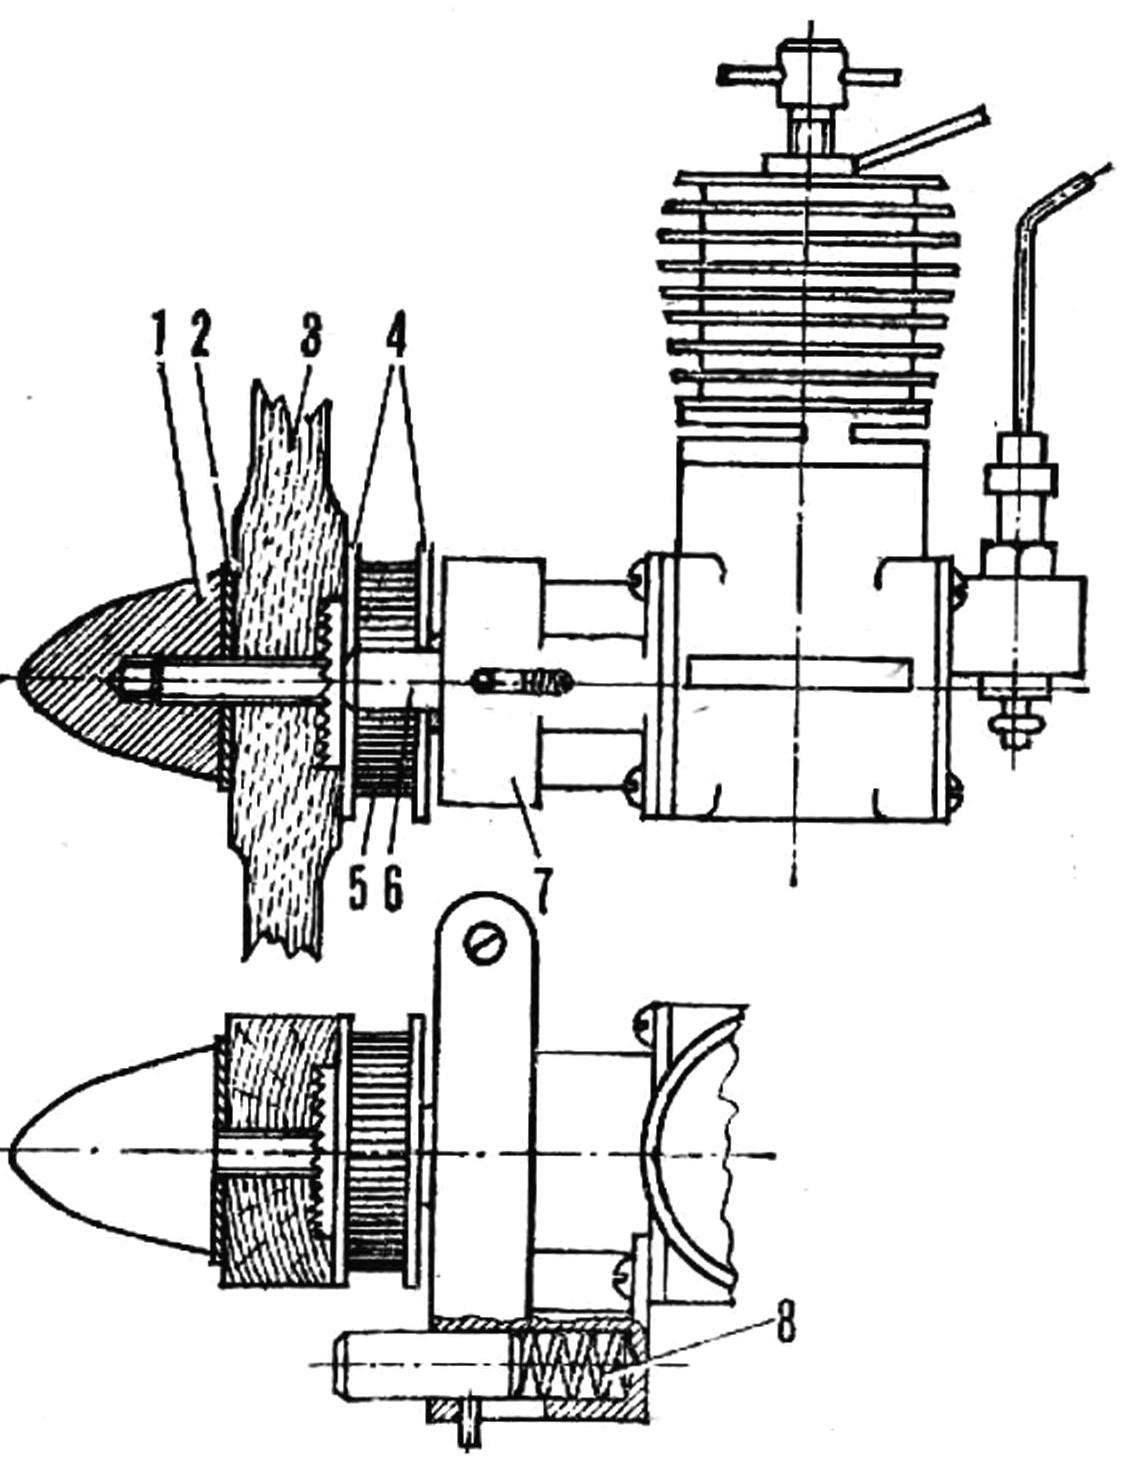 Рис. 1. Стартер для микродвигатели и его детали